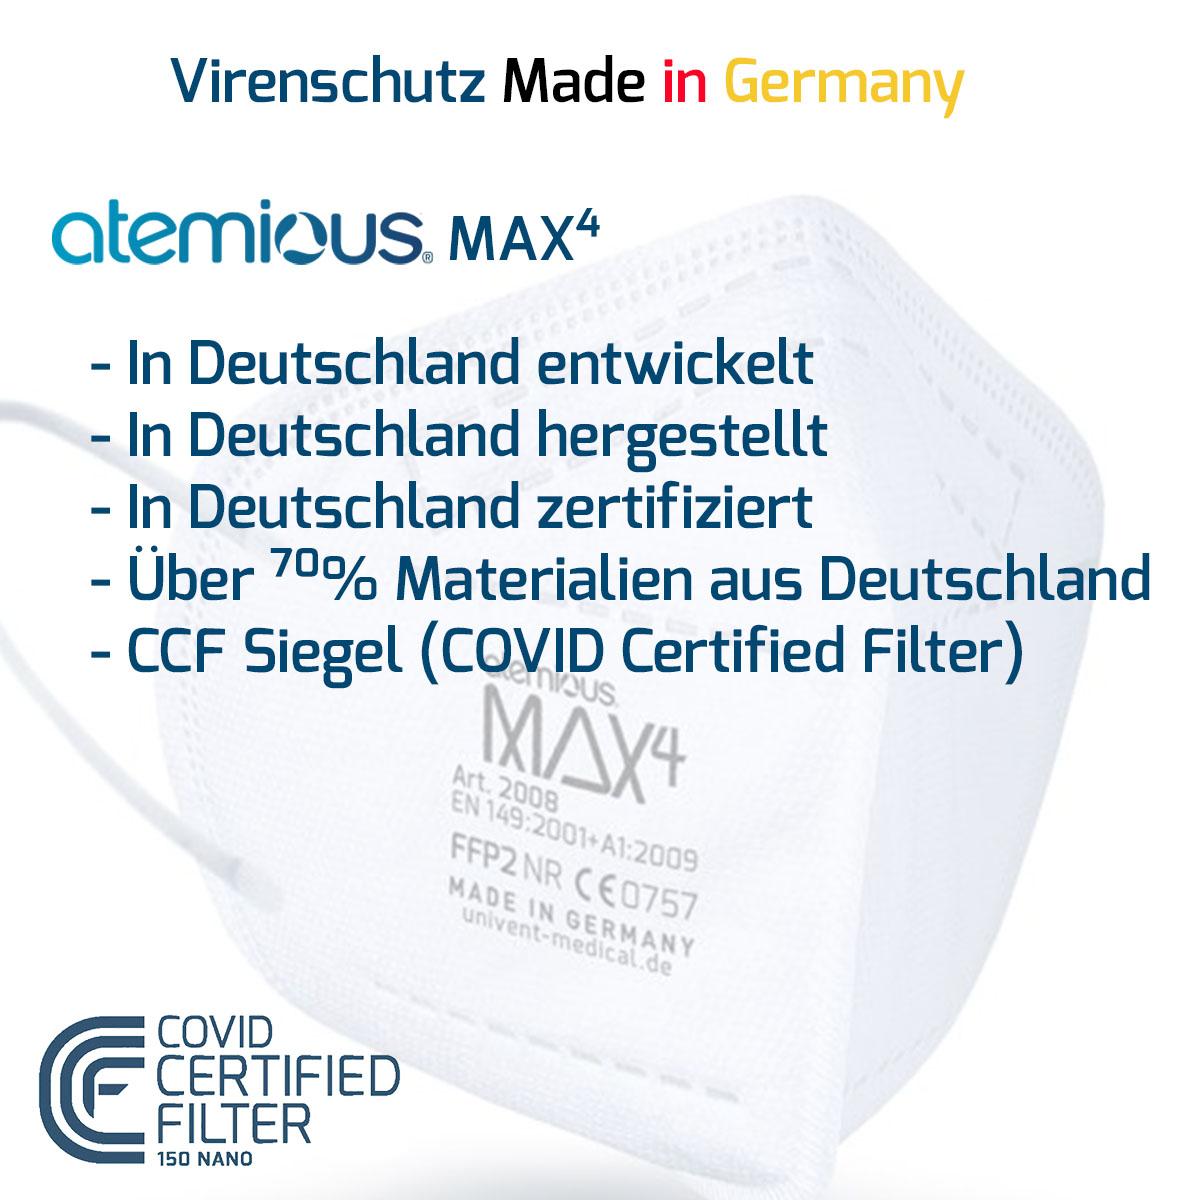 Virenschutz Made in Germany - die atemious MAX4, erhältlich bei FeineHeimat